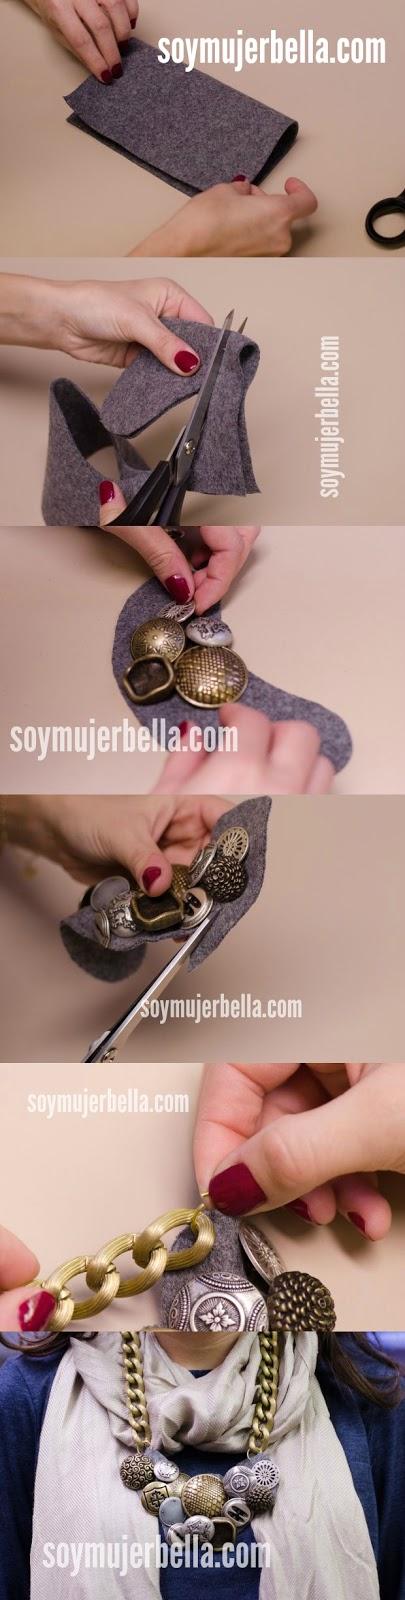 Cómo fabricar un collar fácil y rápido